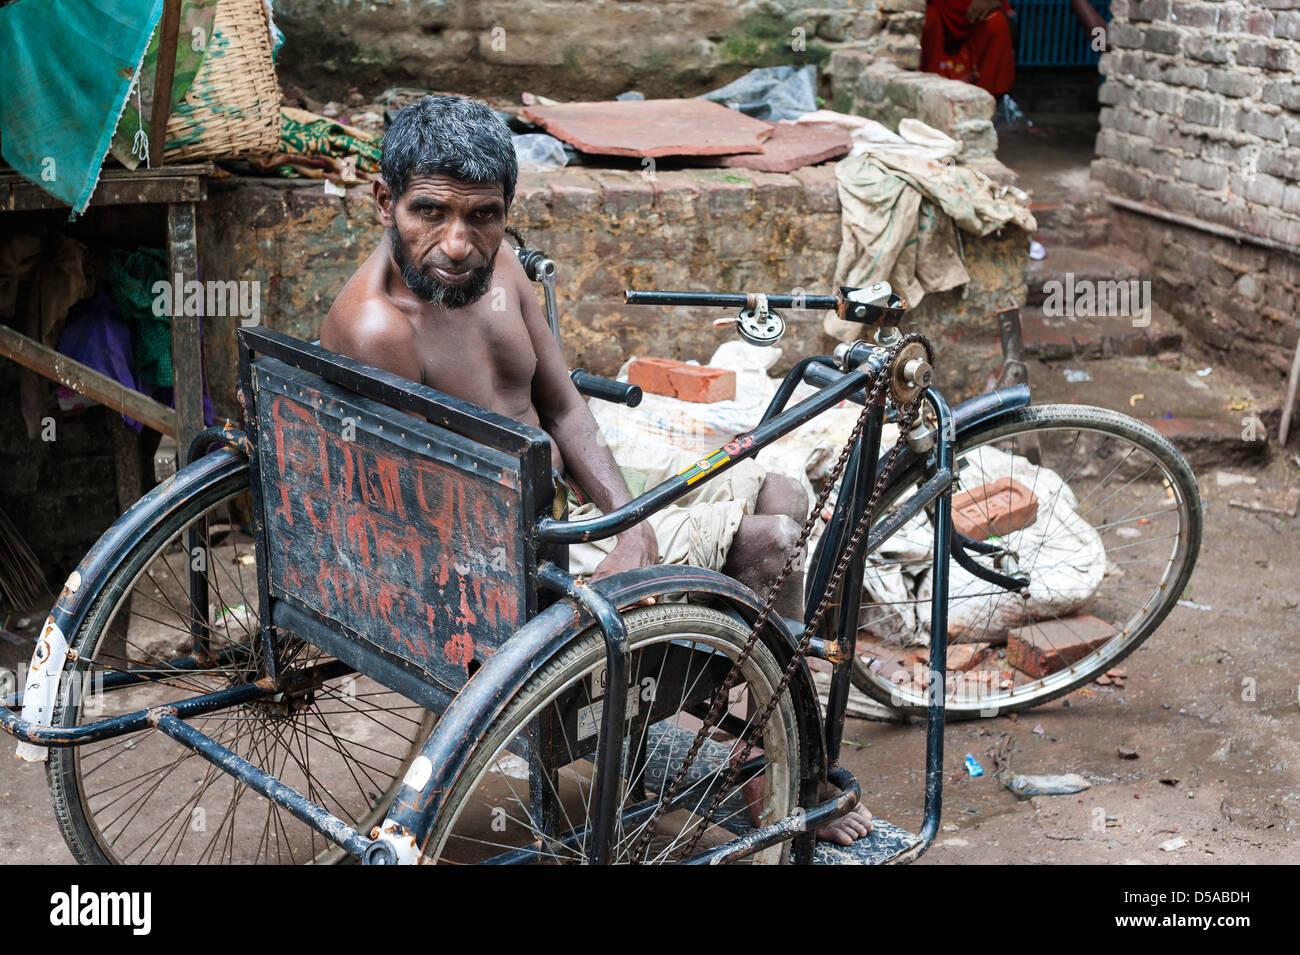 Uomo con disabilità in atto di triciclo accattonaggio in Nizamuddin, una parte vecchia di Delhi, India. Immagini Stock